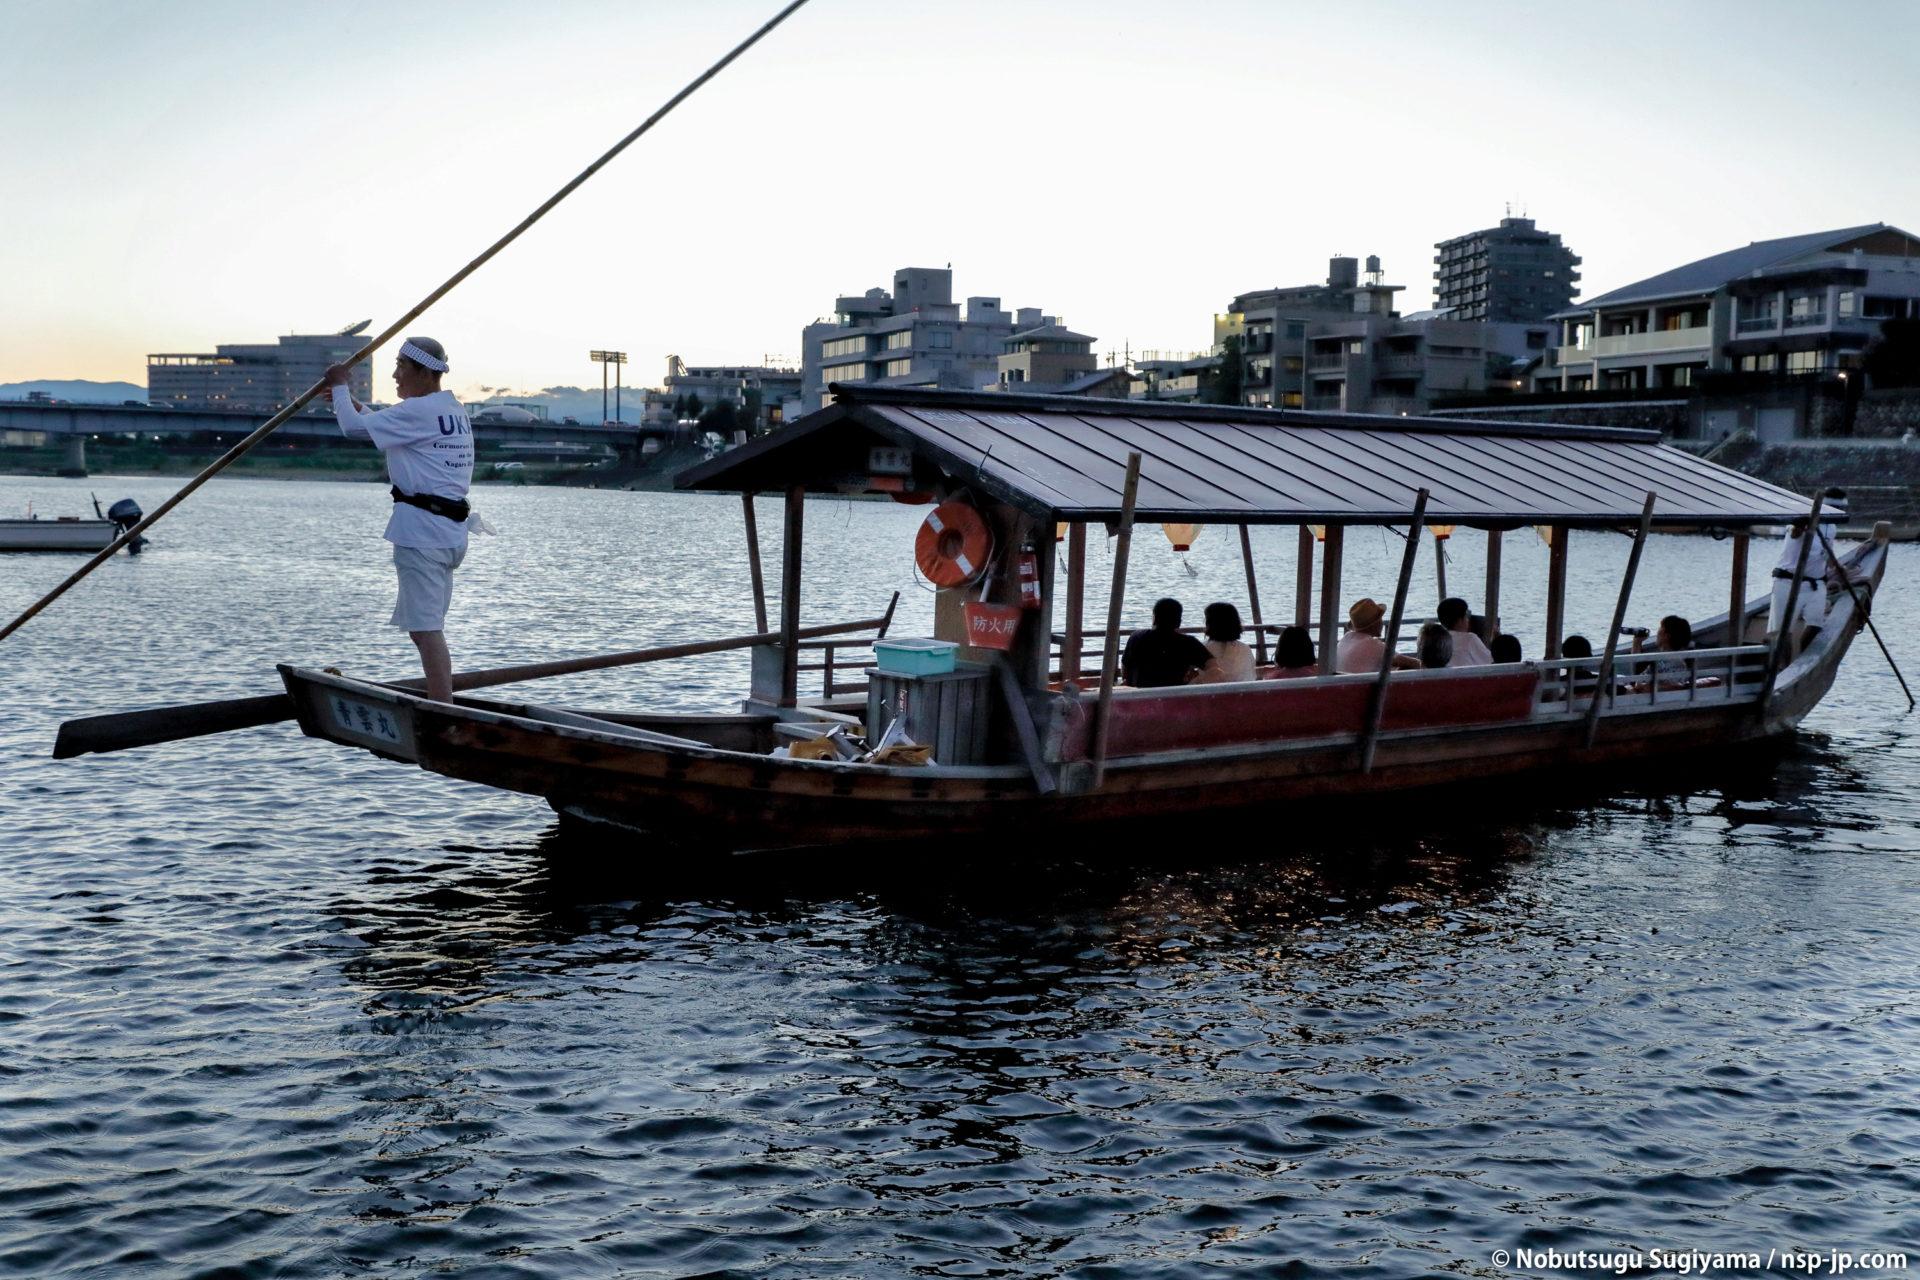 鵜飼-長良川(観覧船)| 岐阜 故郷巡礼 by 杉山宣嗣